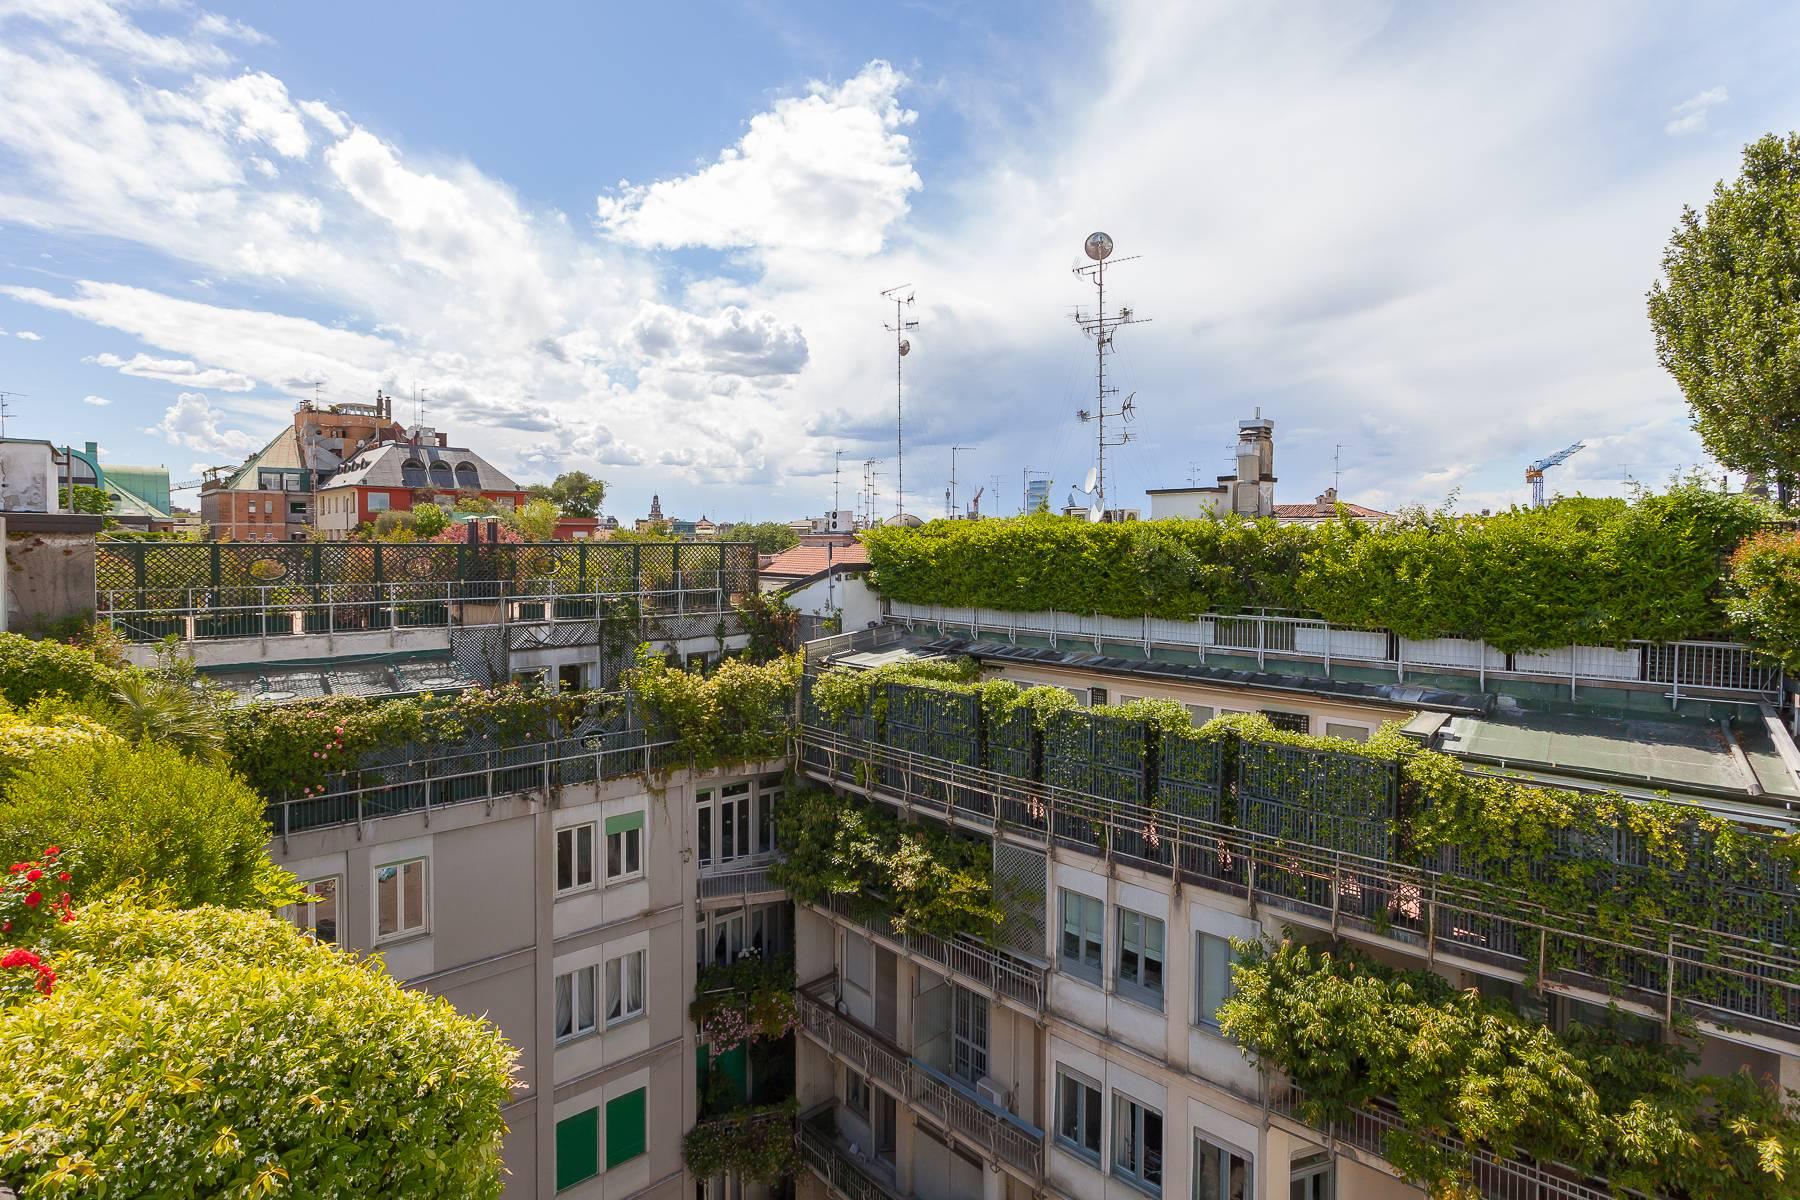 Attico in Vendita a Milano: 5 locali, 220 mq - Foto 25